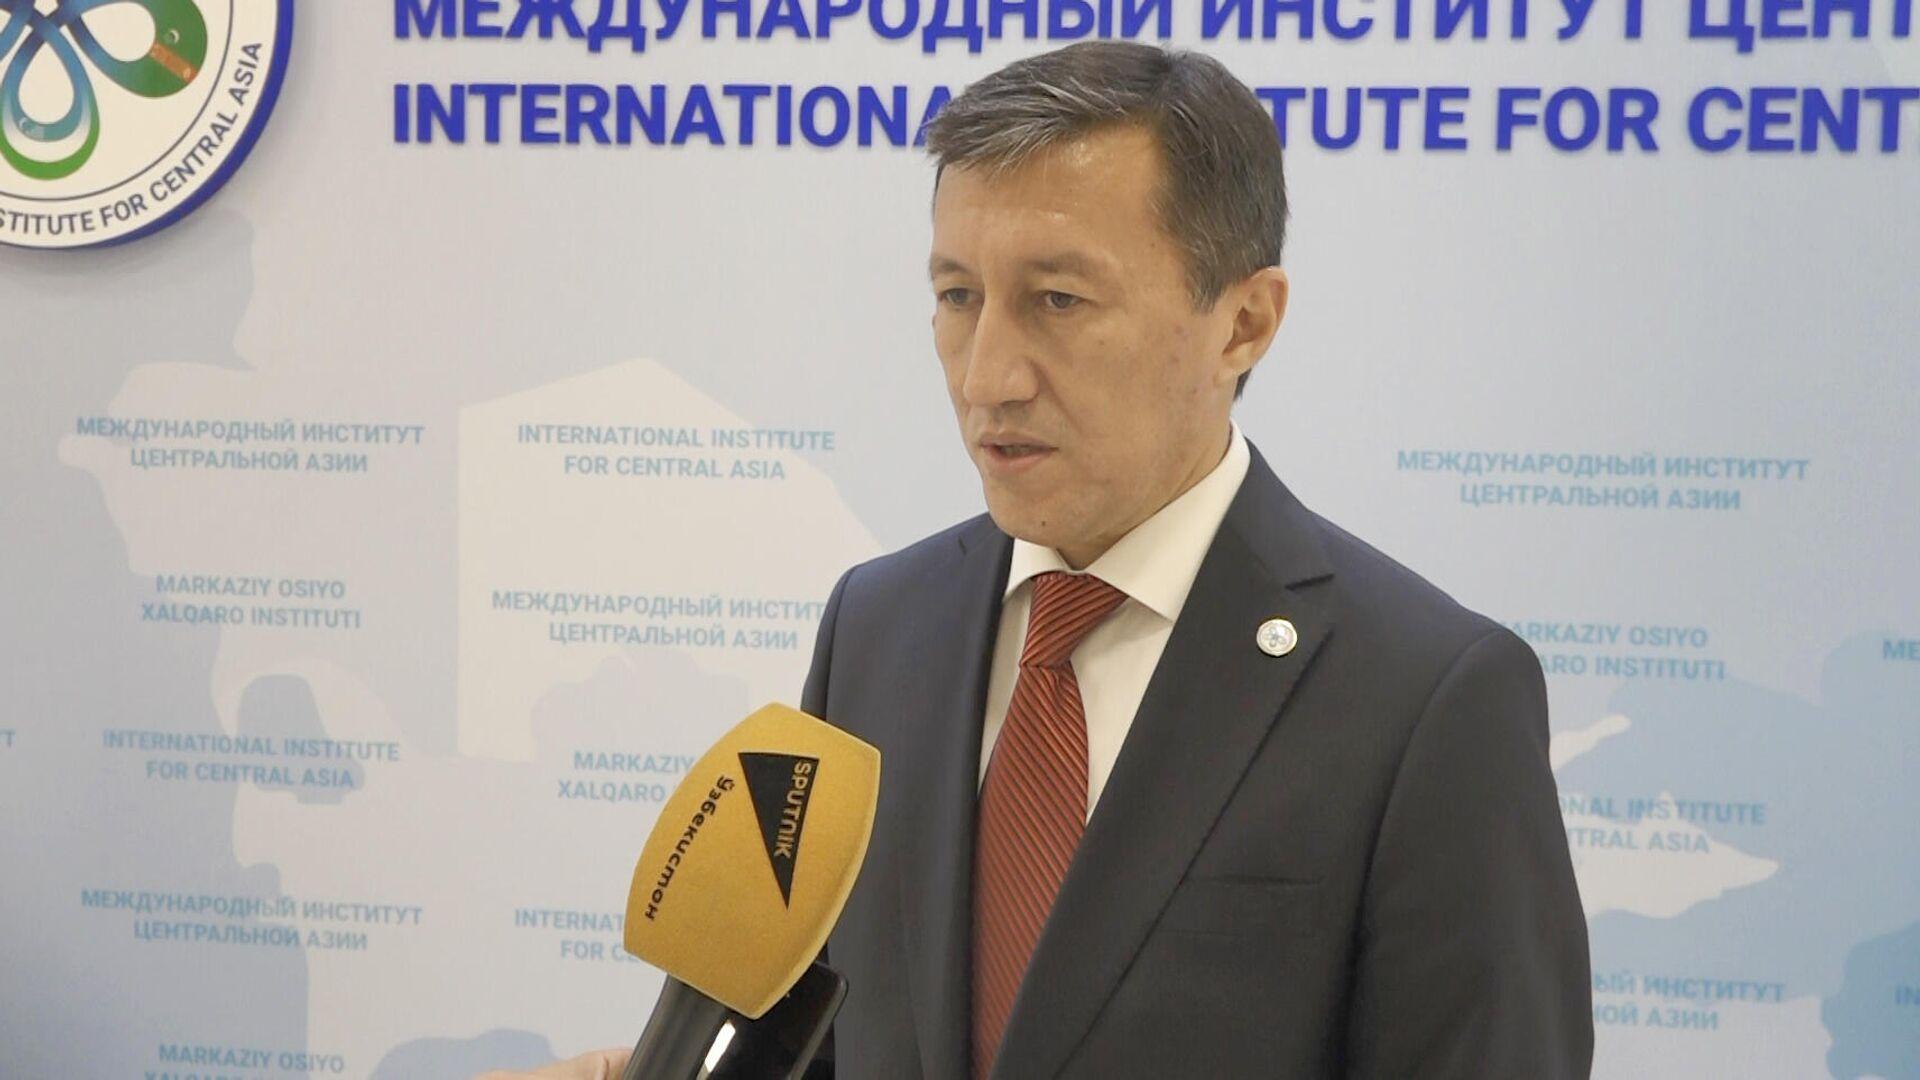 Анвар Насиров - Sputnik Узбекистан, 1920, 15.07.2021